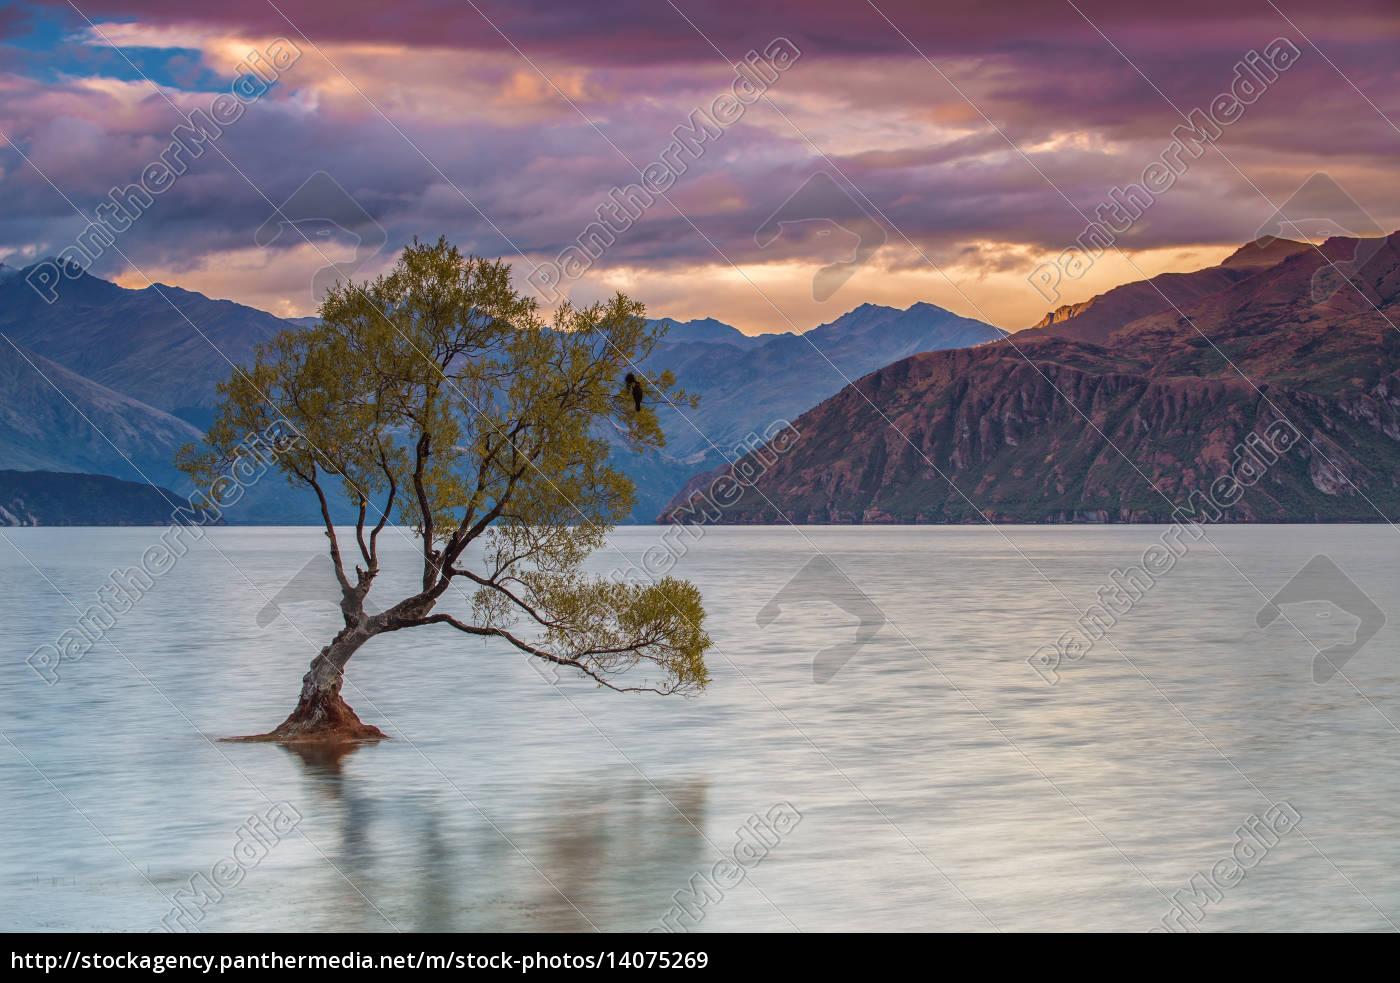 lonely, tree, at, lake, wanaka, new, zealand - 14075269